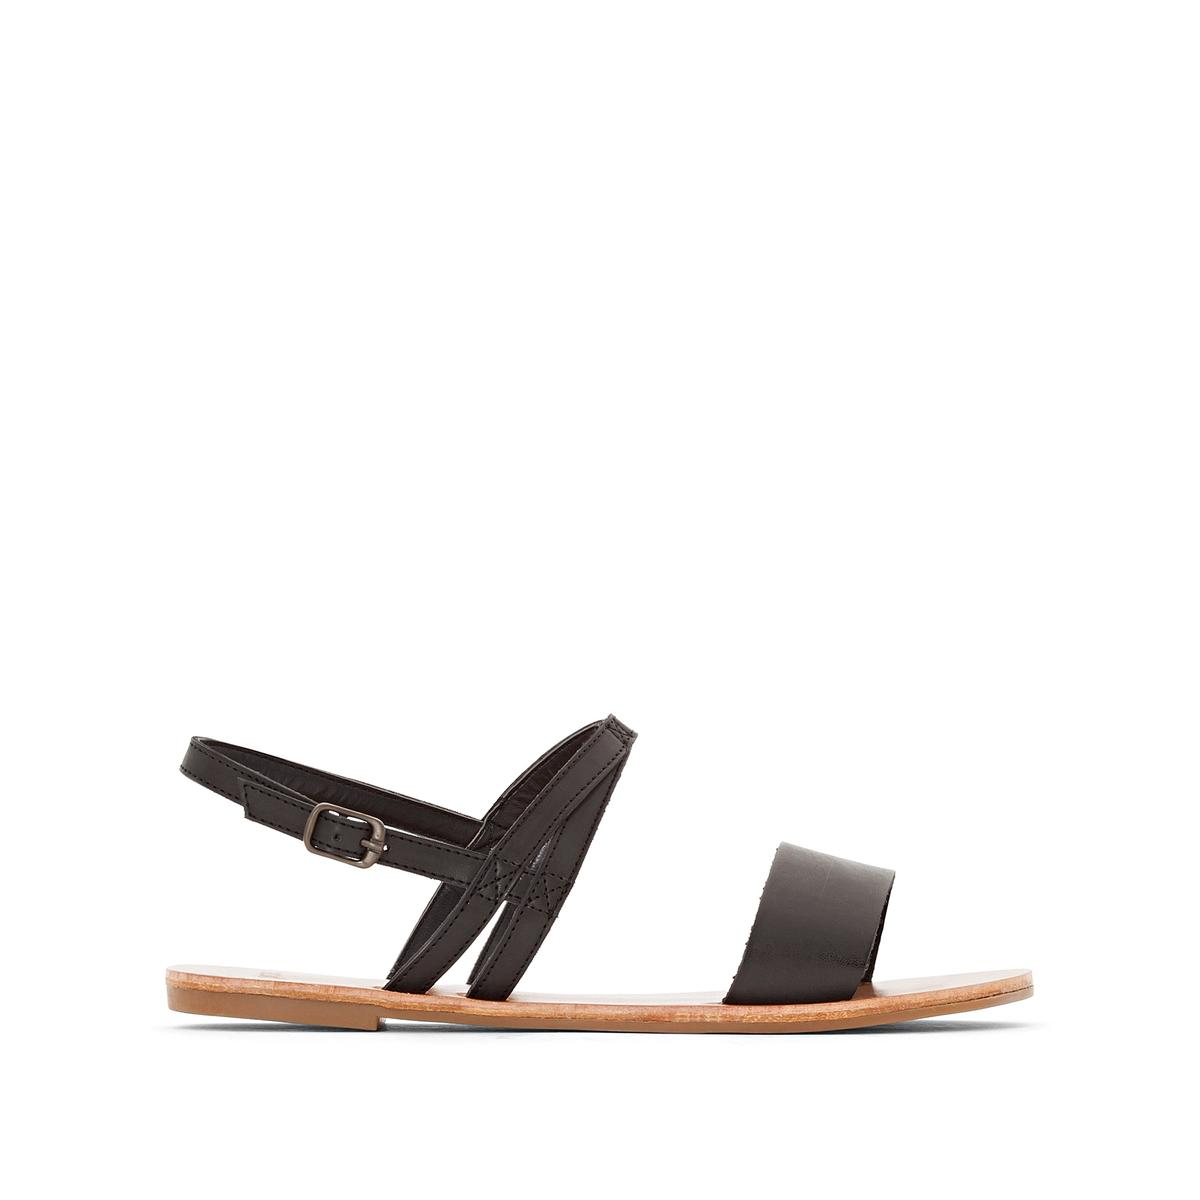 Сандалии CatalinaВерх : кожа.   Стелька : кожа.   Подошва : Каучук   Форма каблука : плоский каблук.   Мысок : открытый мысок   Застежка : ремешок/пряжка<br><br>Цвет: черный<br>Размер: 37.38